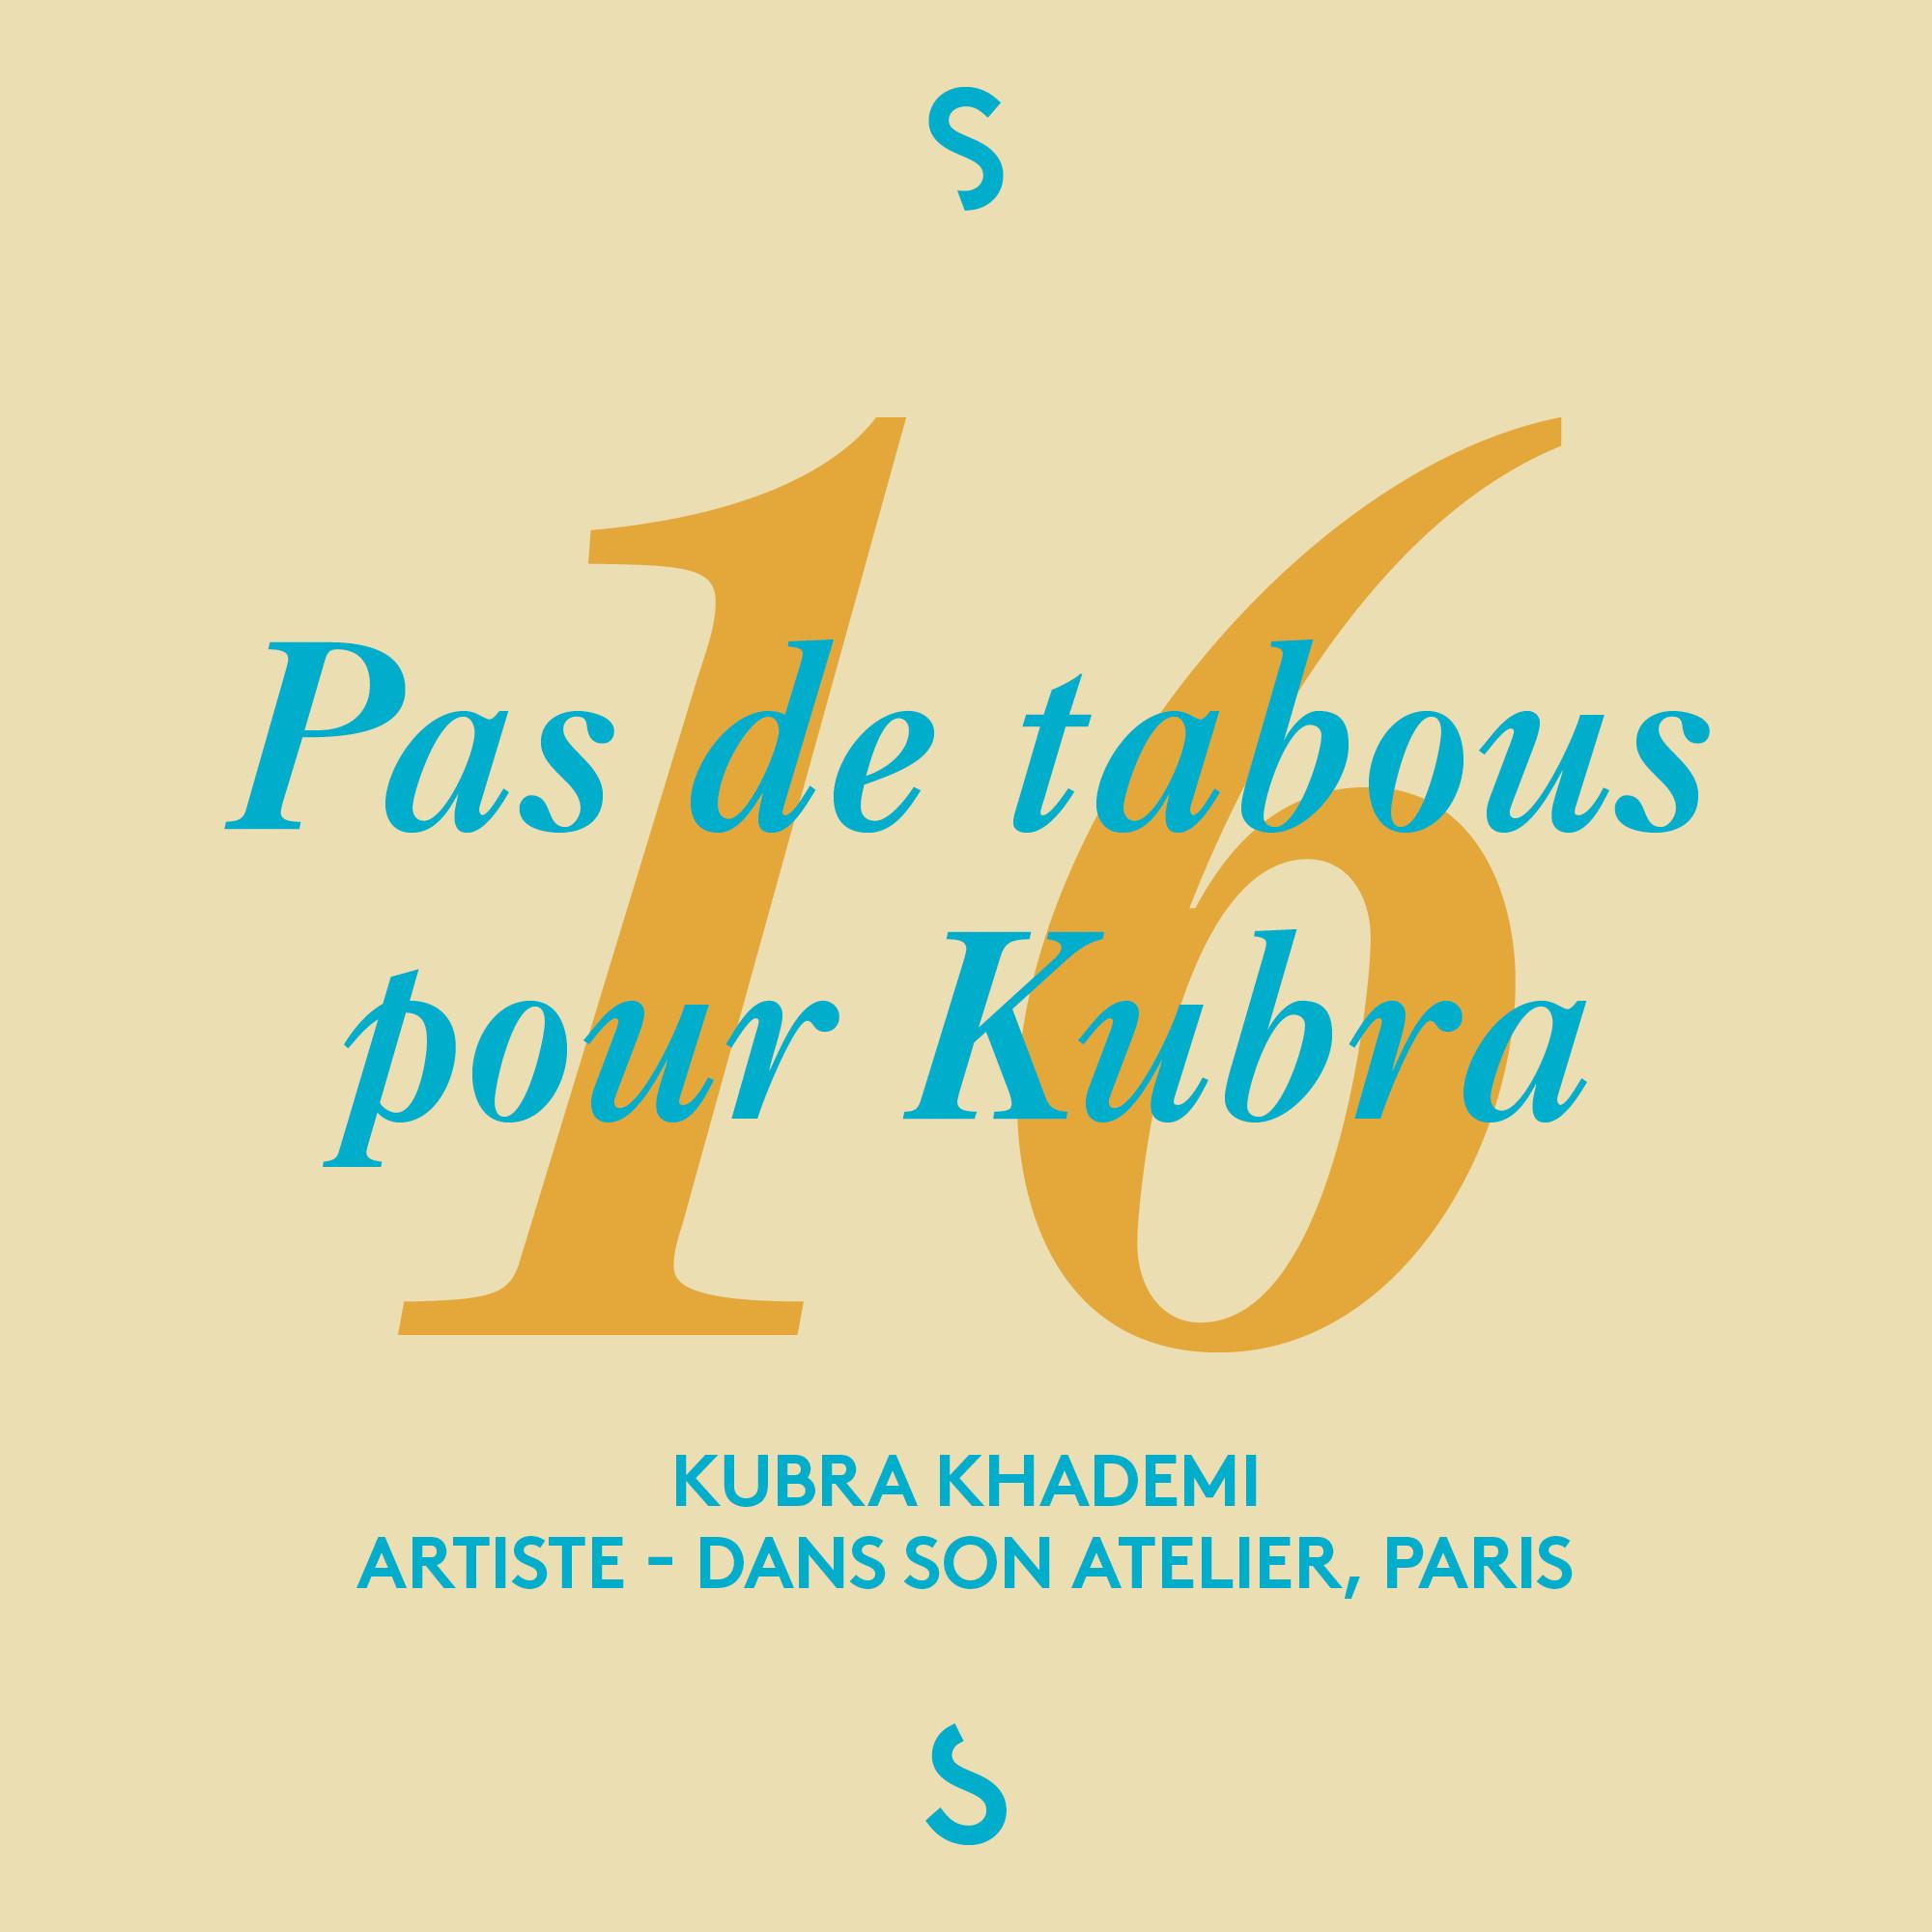 Pas de tabous pour Kubra